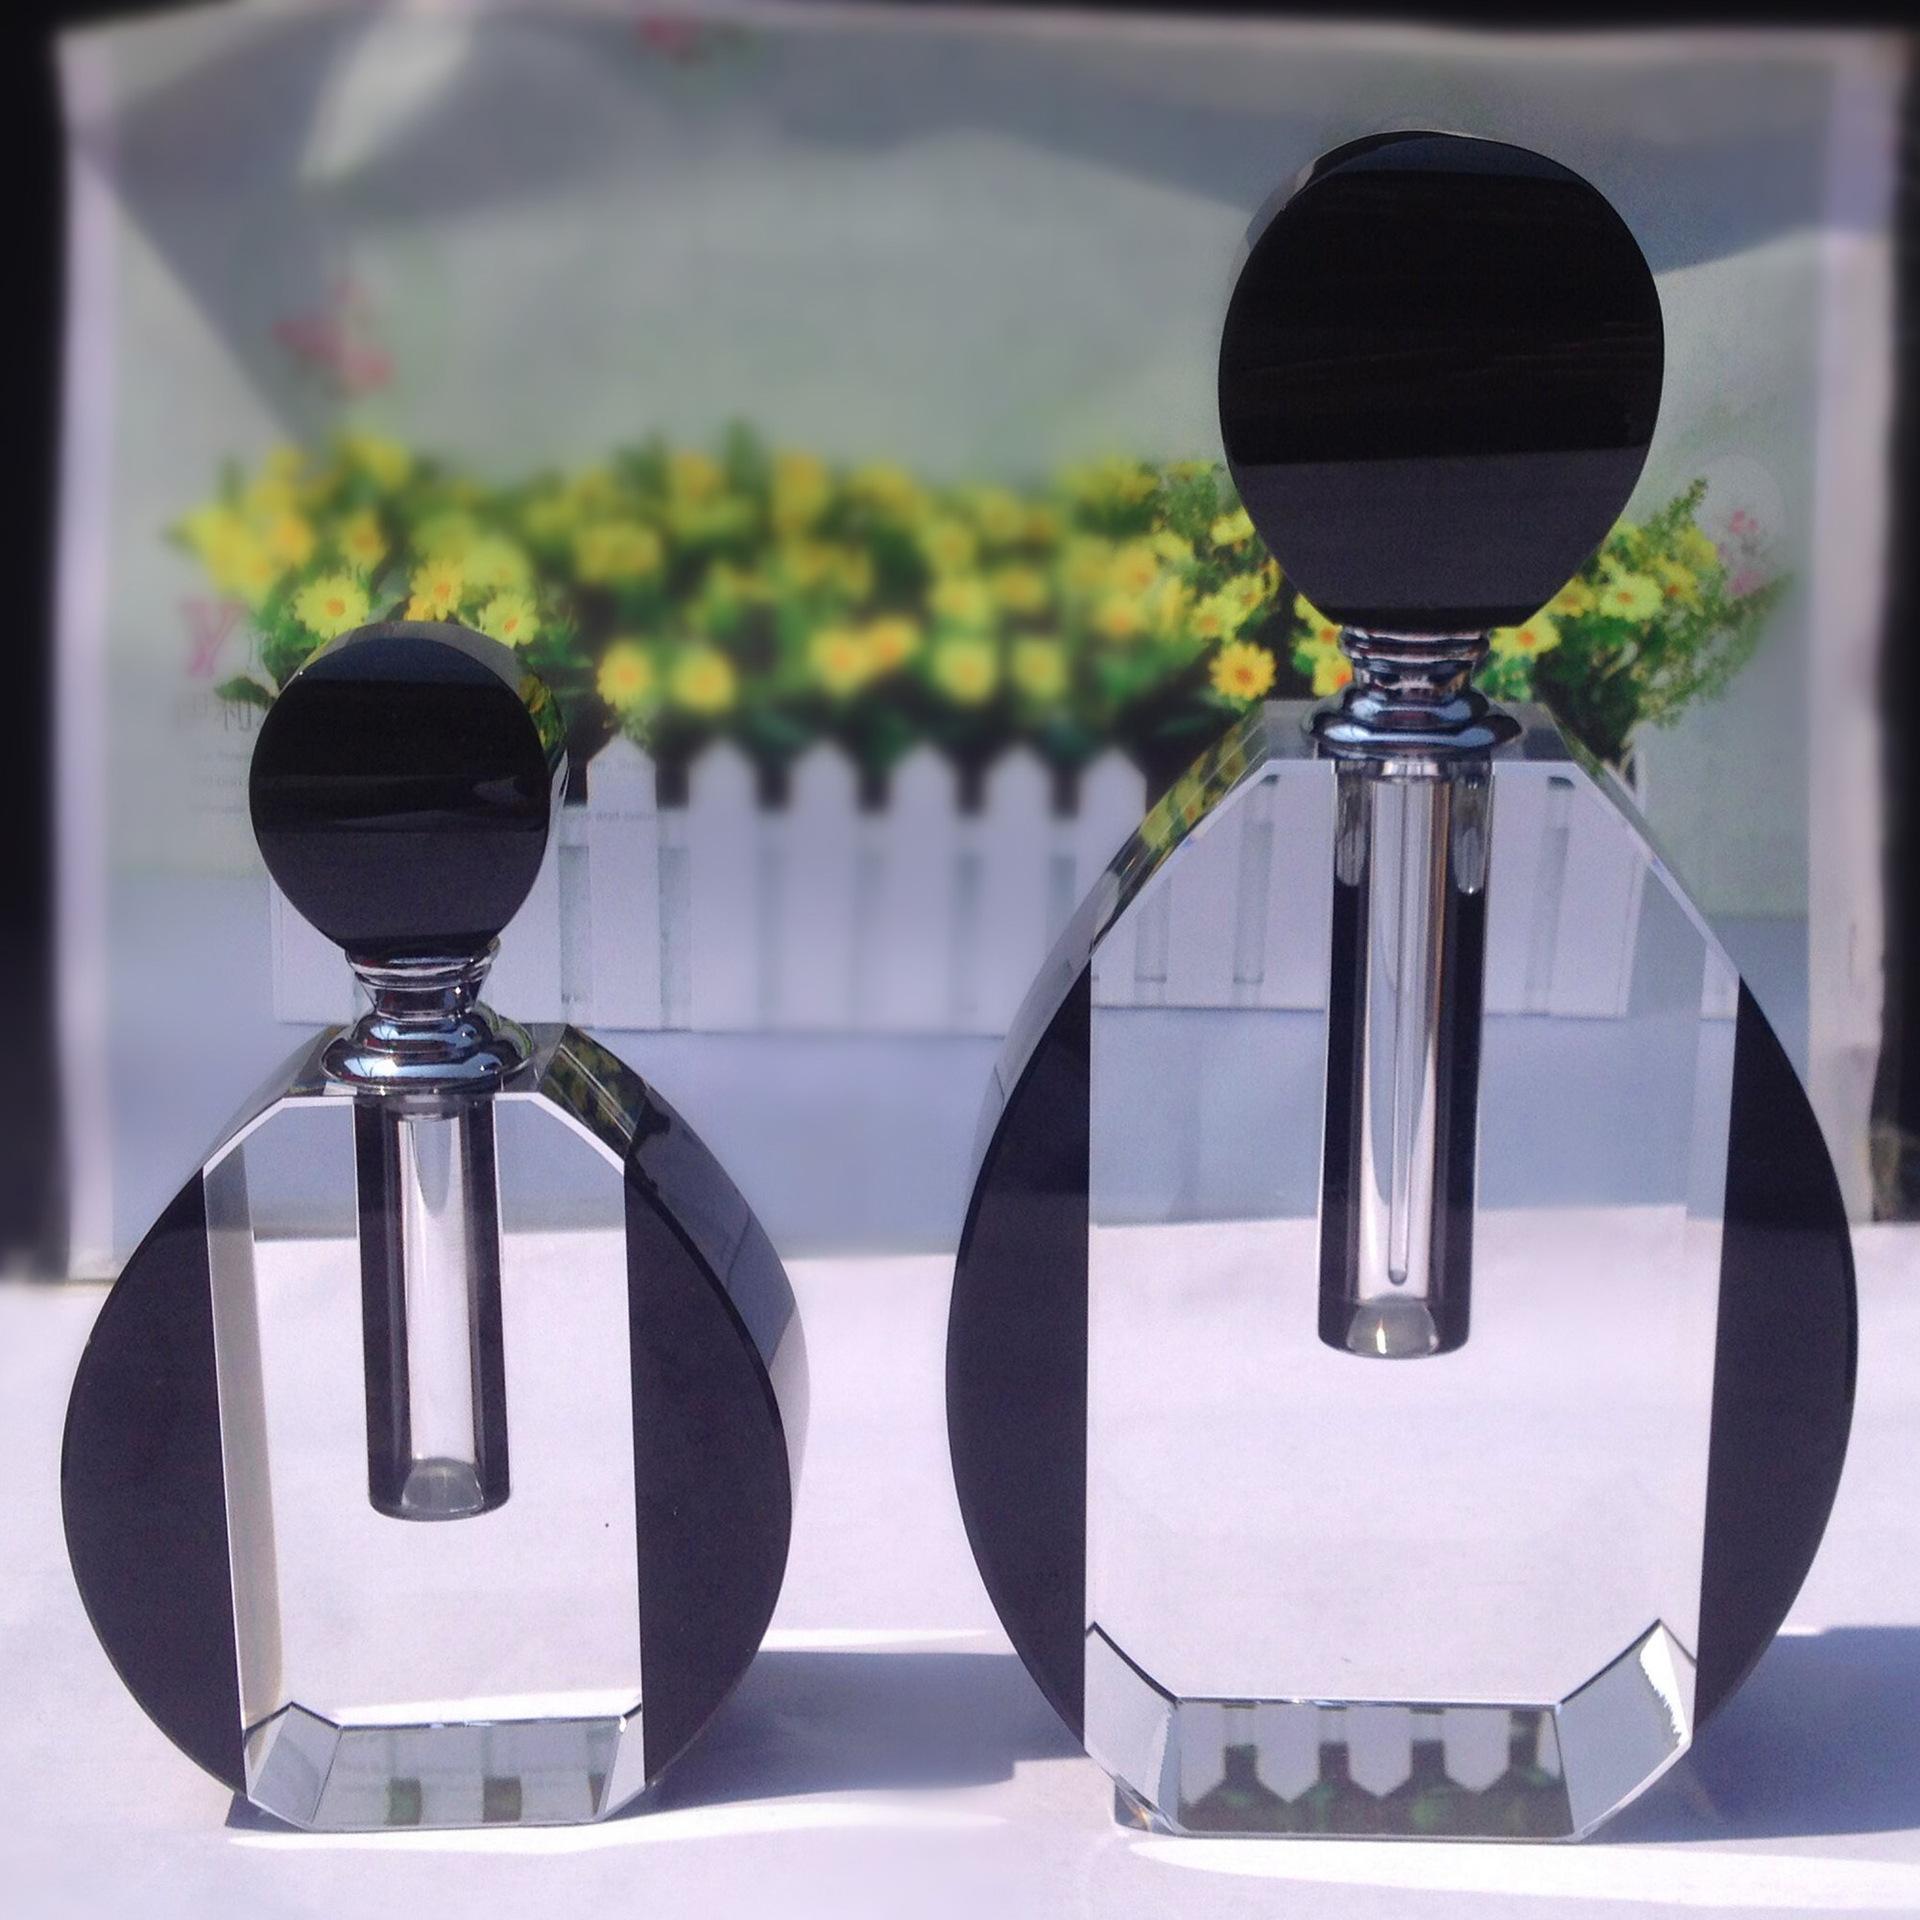 新款家居摆件水晶人体香水瓶批发 定制高端水晶香水瓶工艺品